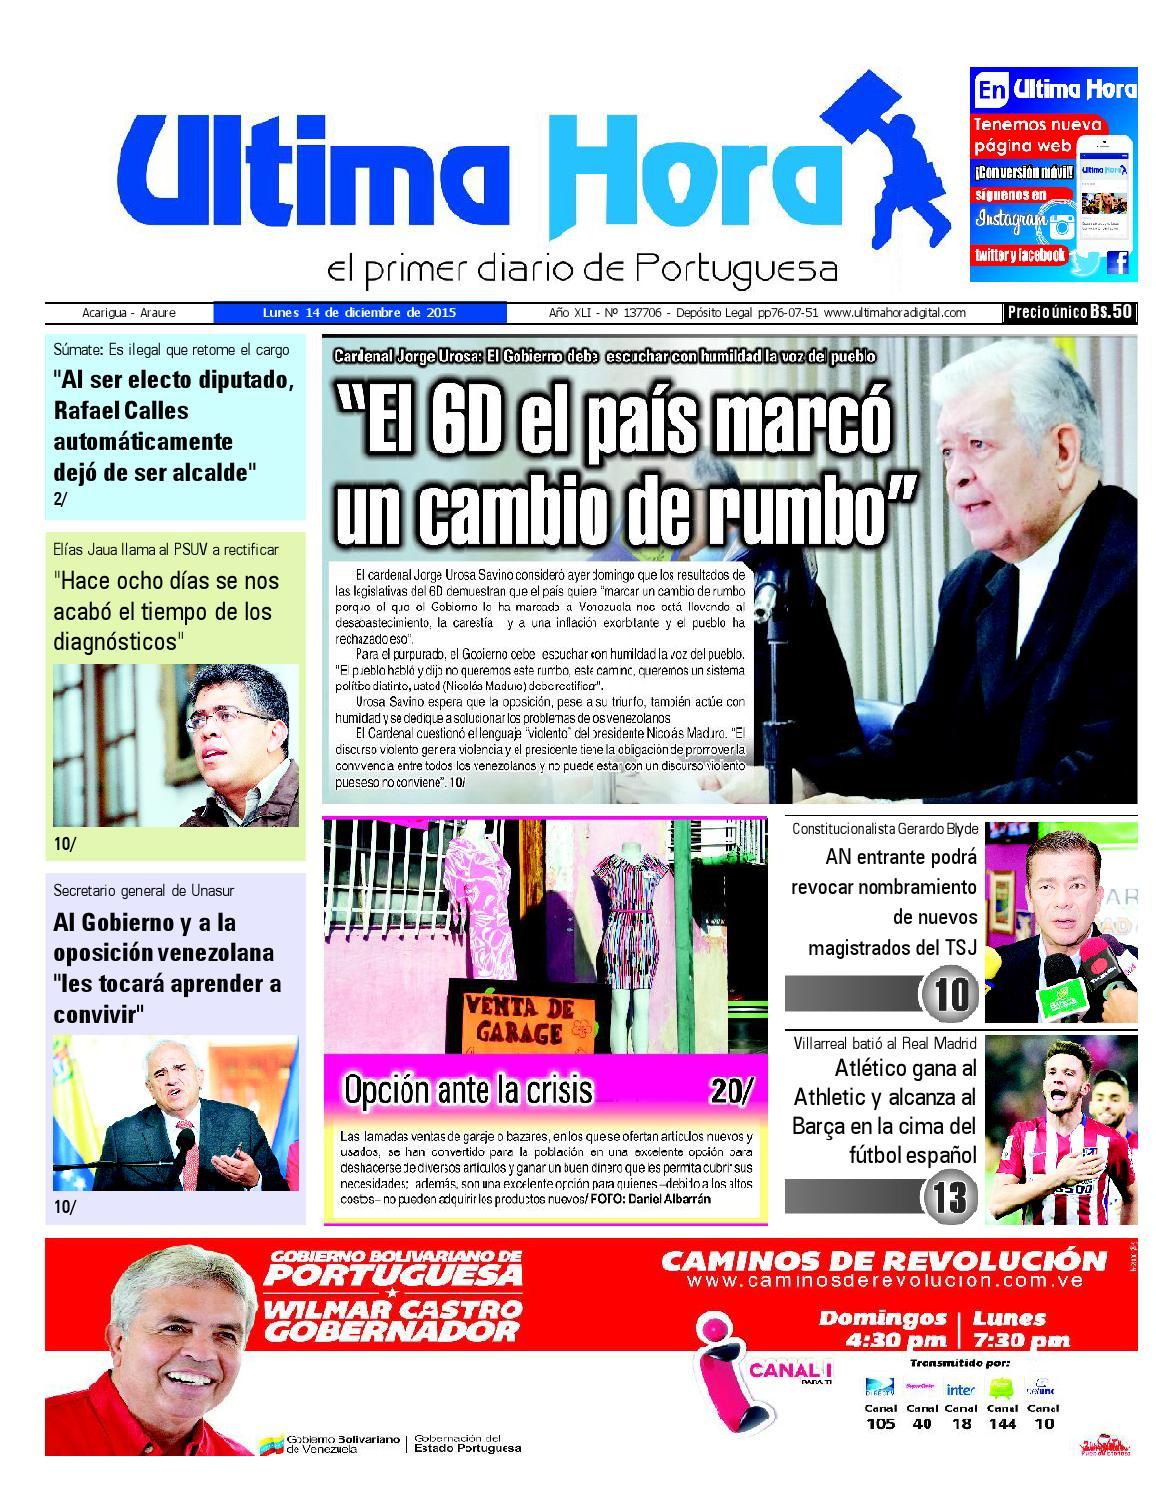 Edicion14 12 2015 By Ultima Hora El Primer Diario De Portuguesa  # Hazan Muebles Gavilan